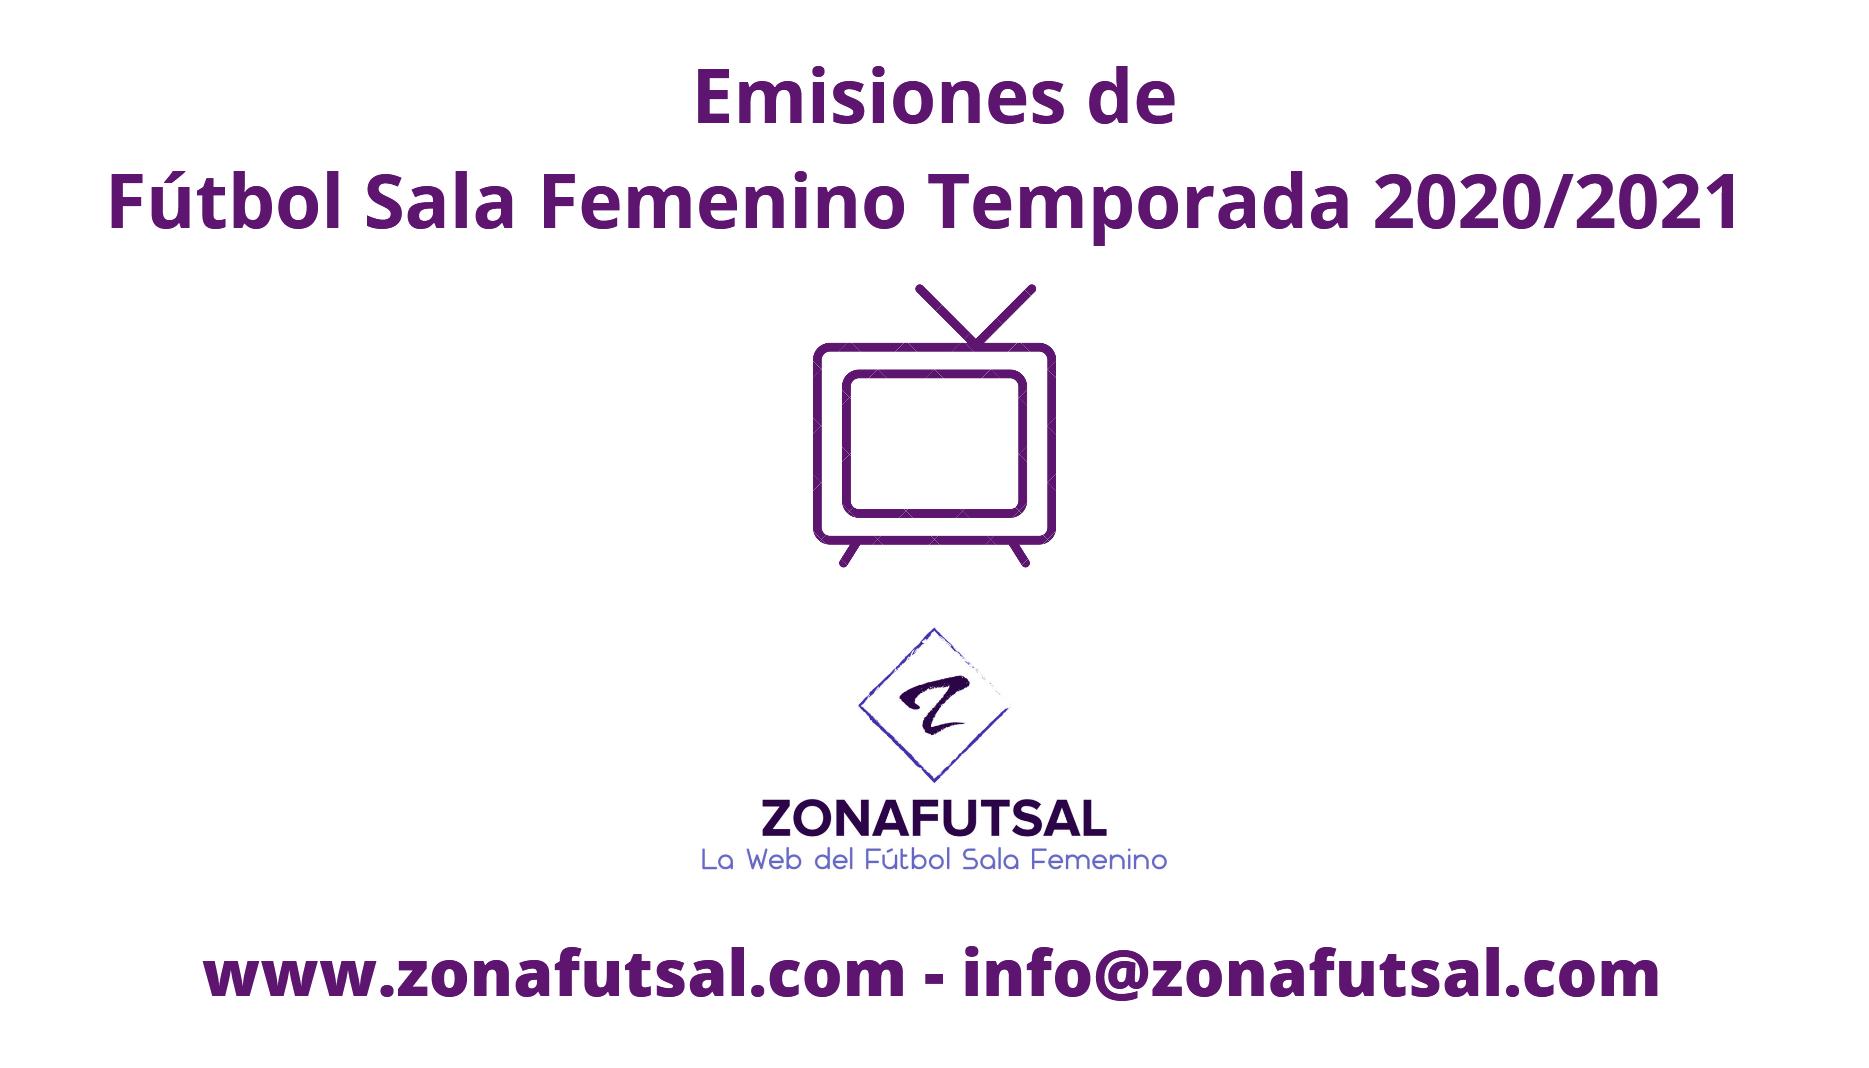 Emisiones de la Jornada 9ª en 1ª División de Fútbol Sala Femenino